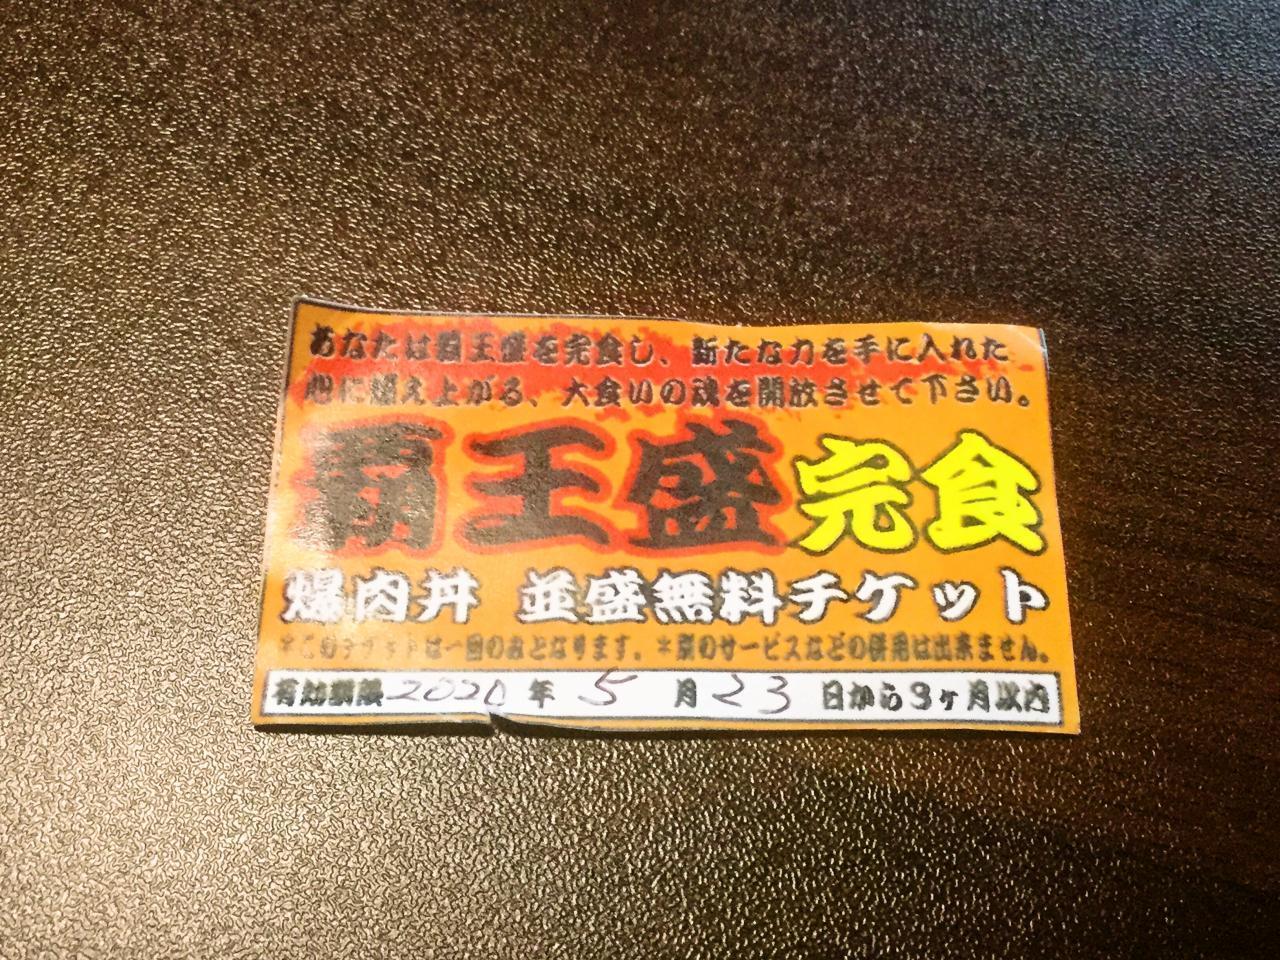 爆肉丼の店 七色(覇王盛)